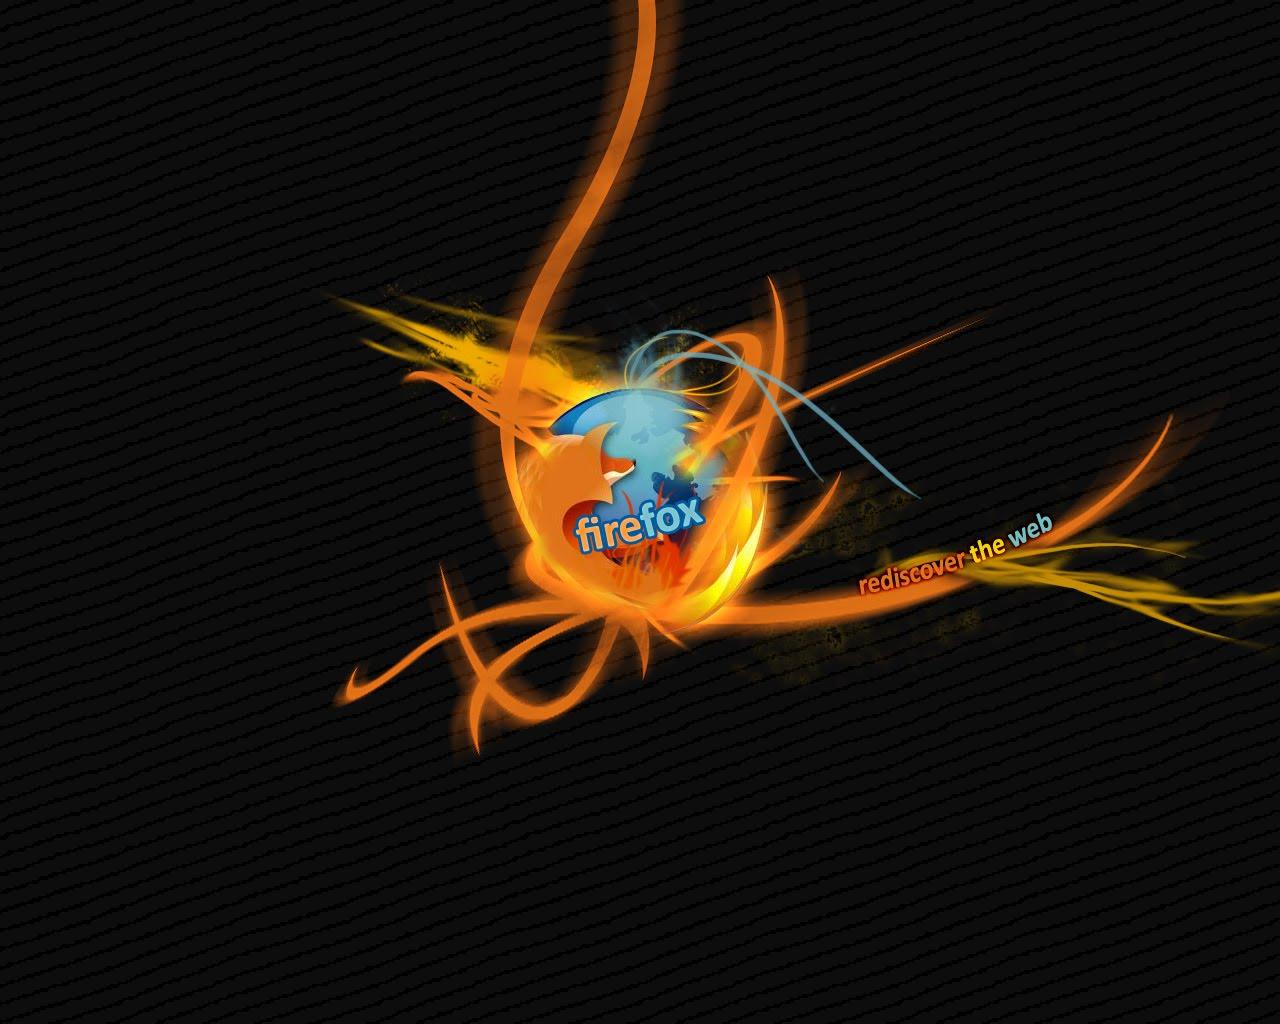 http://2.bp.blogspot.com/_-N7QE2ihONg/TSL770T6uiI/AAAAAAAAAZE/AGv-6MvueTQ/s1600/47.jpg